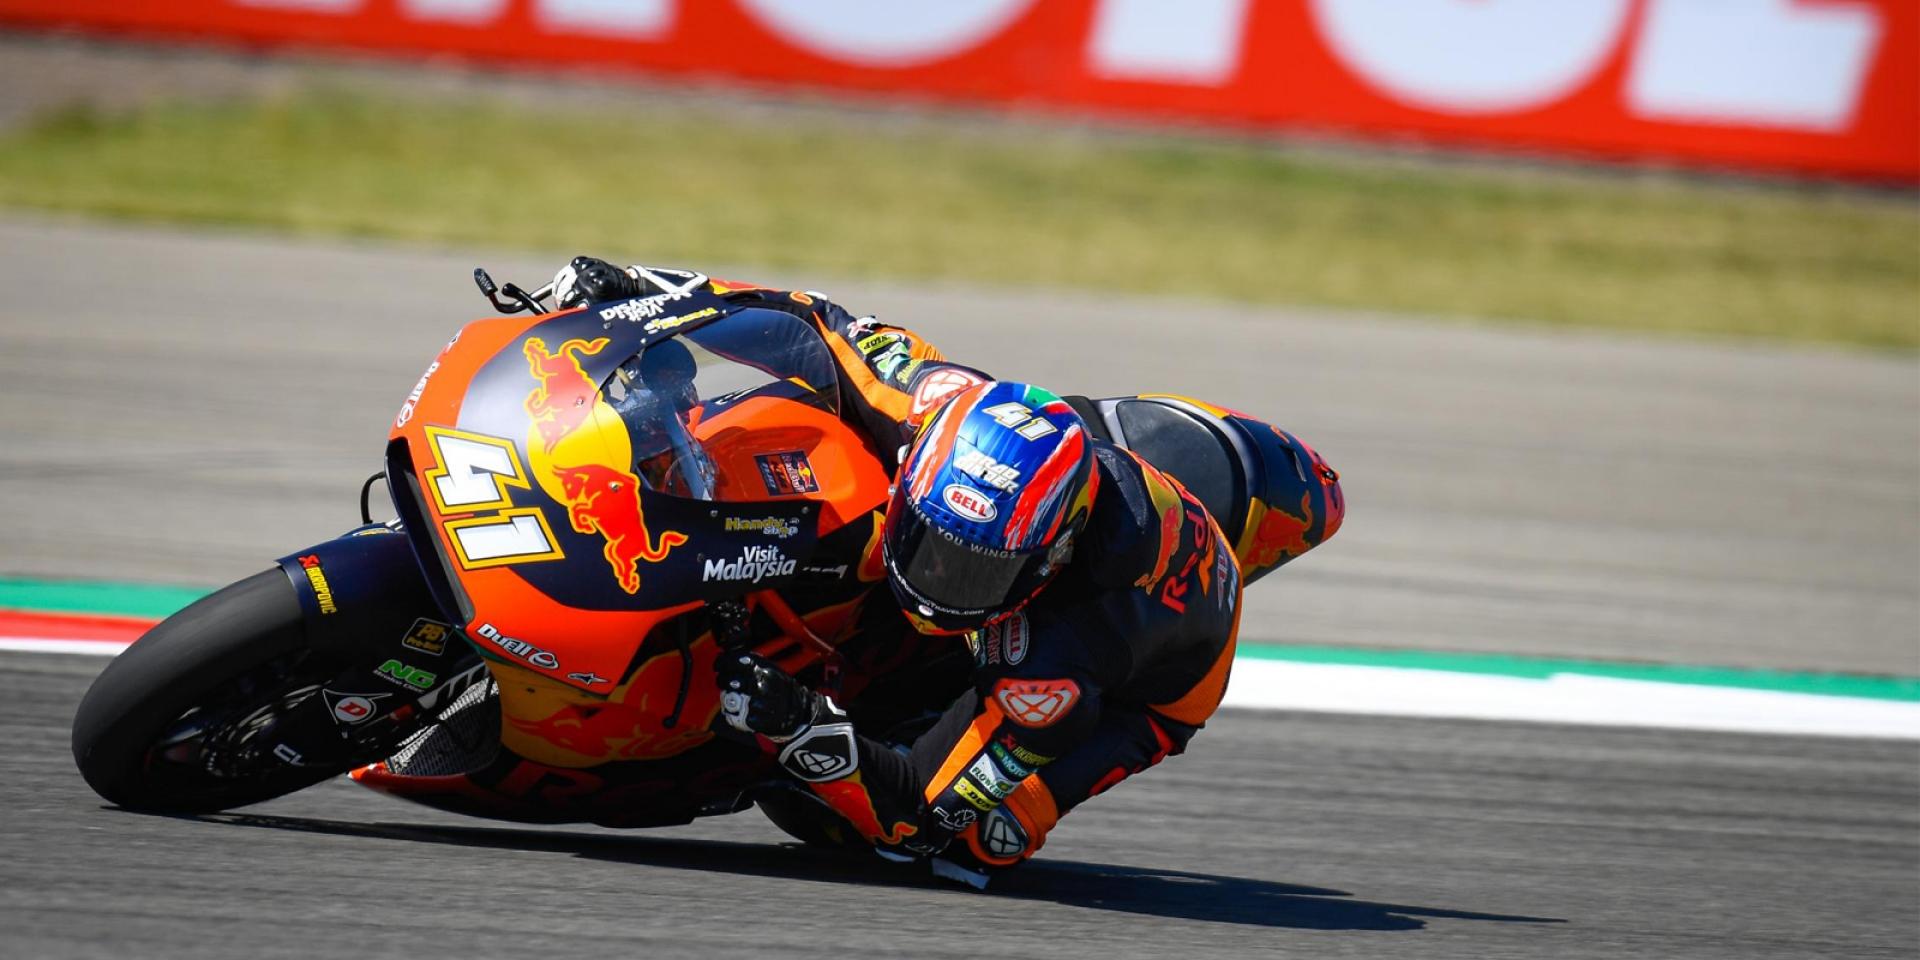 翻桌哥加入MotoGP行列。Red Bull KTM Tech3簽下Brad Binder